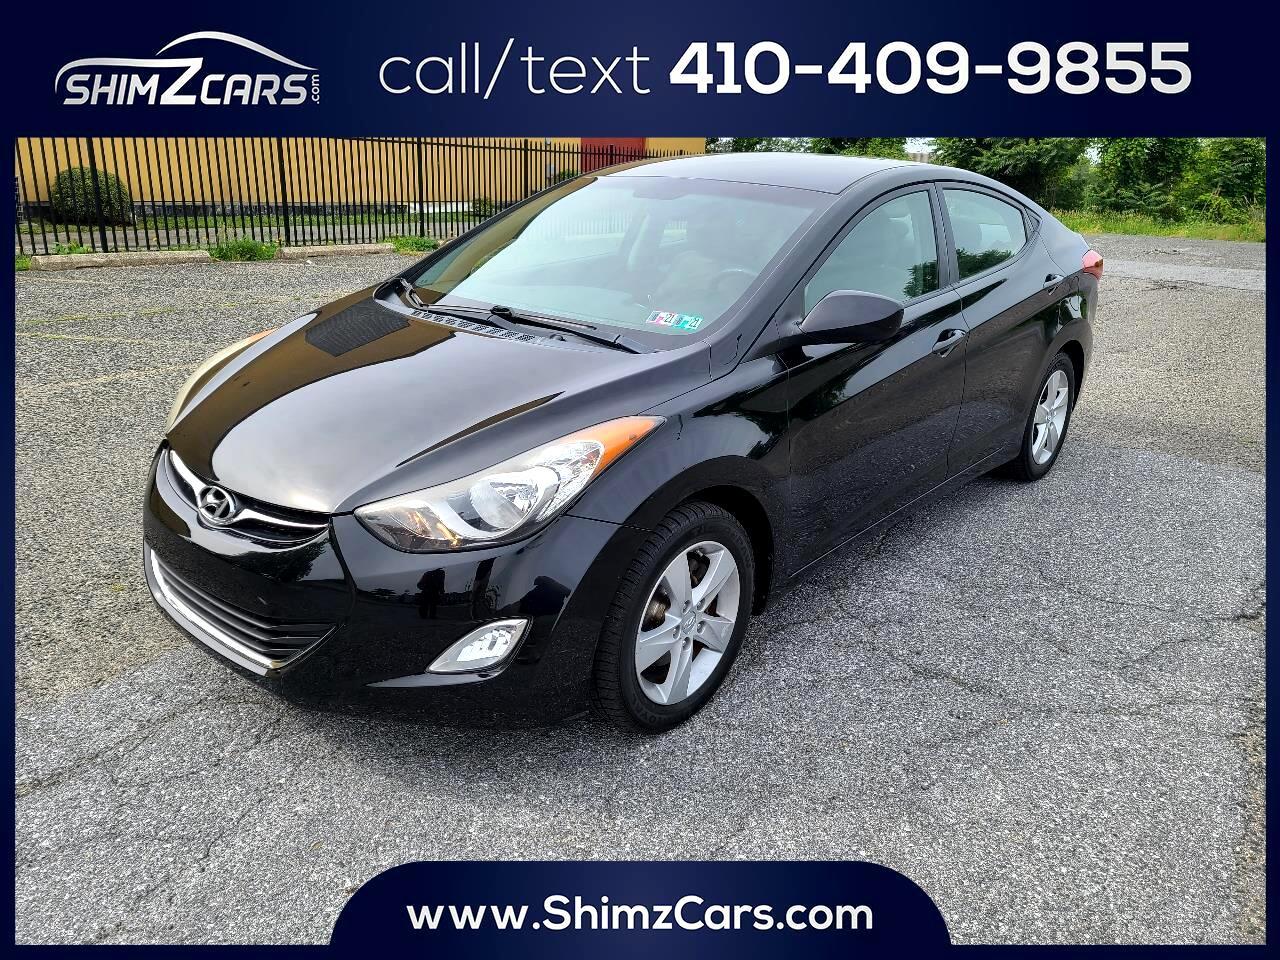 Hyundai Elantra 4dr Sdn Auto GLS PZEV (Alabama Plant) 2012